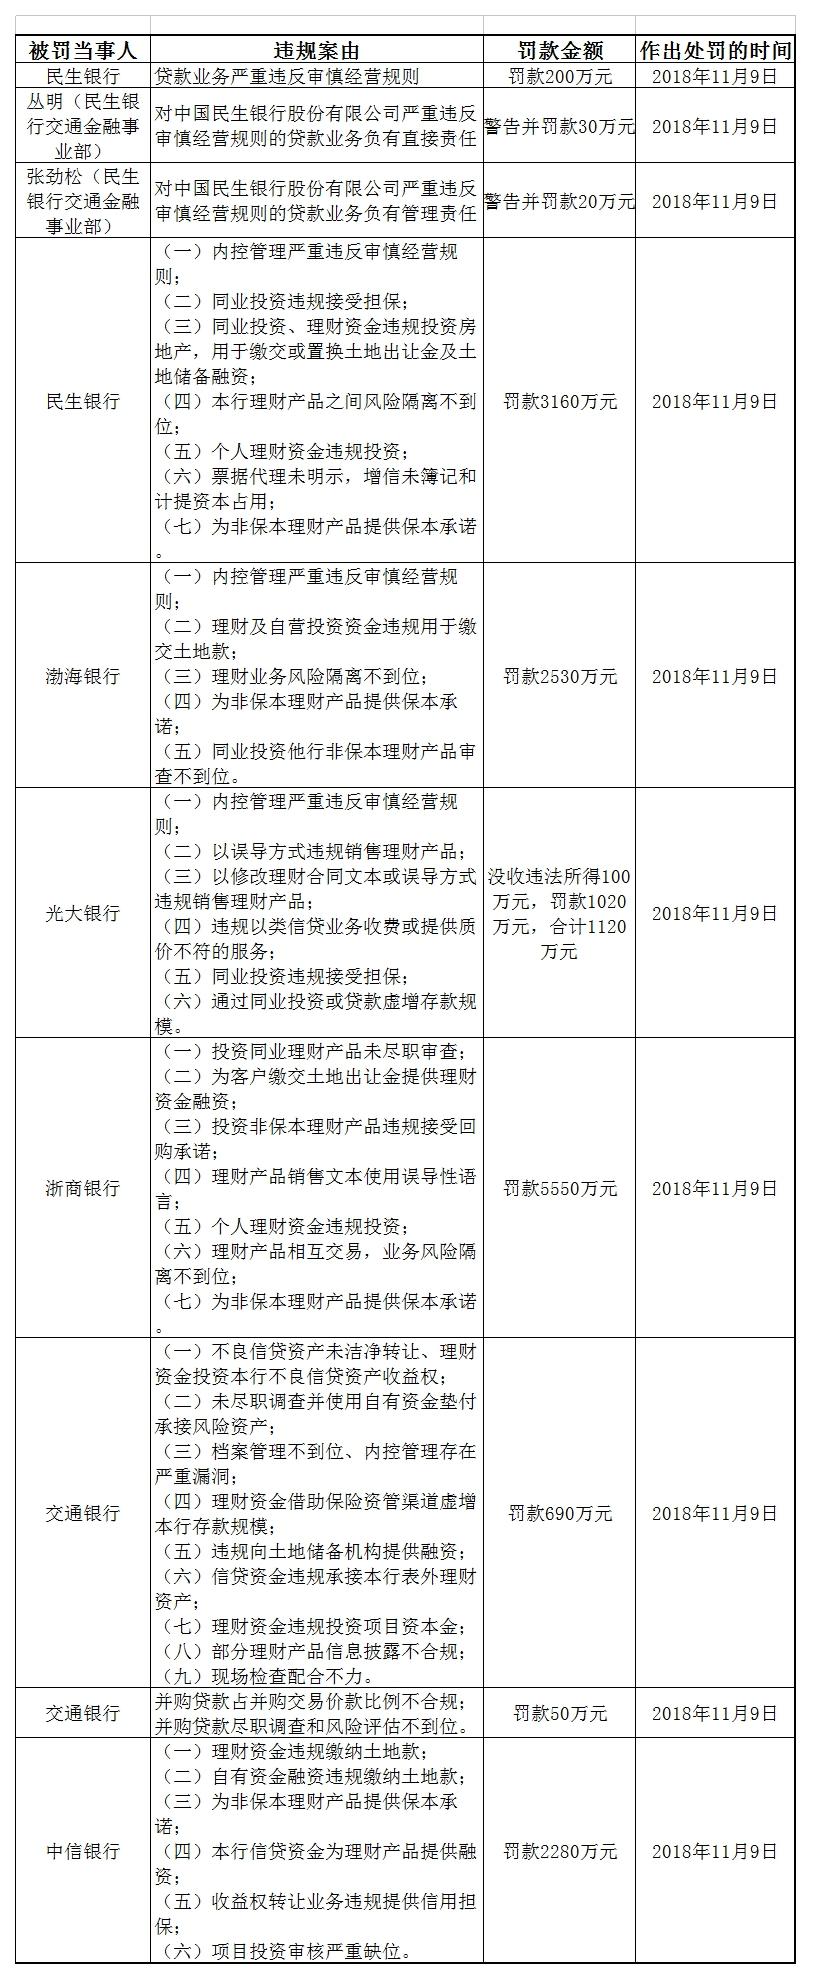 细究银保监会1.56亿罚款:6家银行受罚 聚焦理财违规